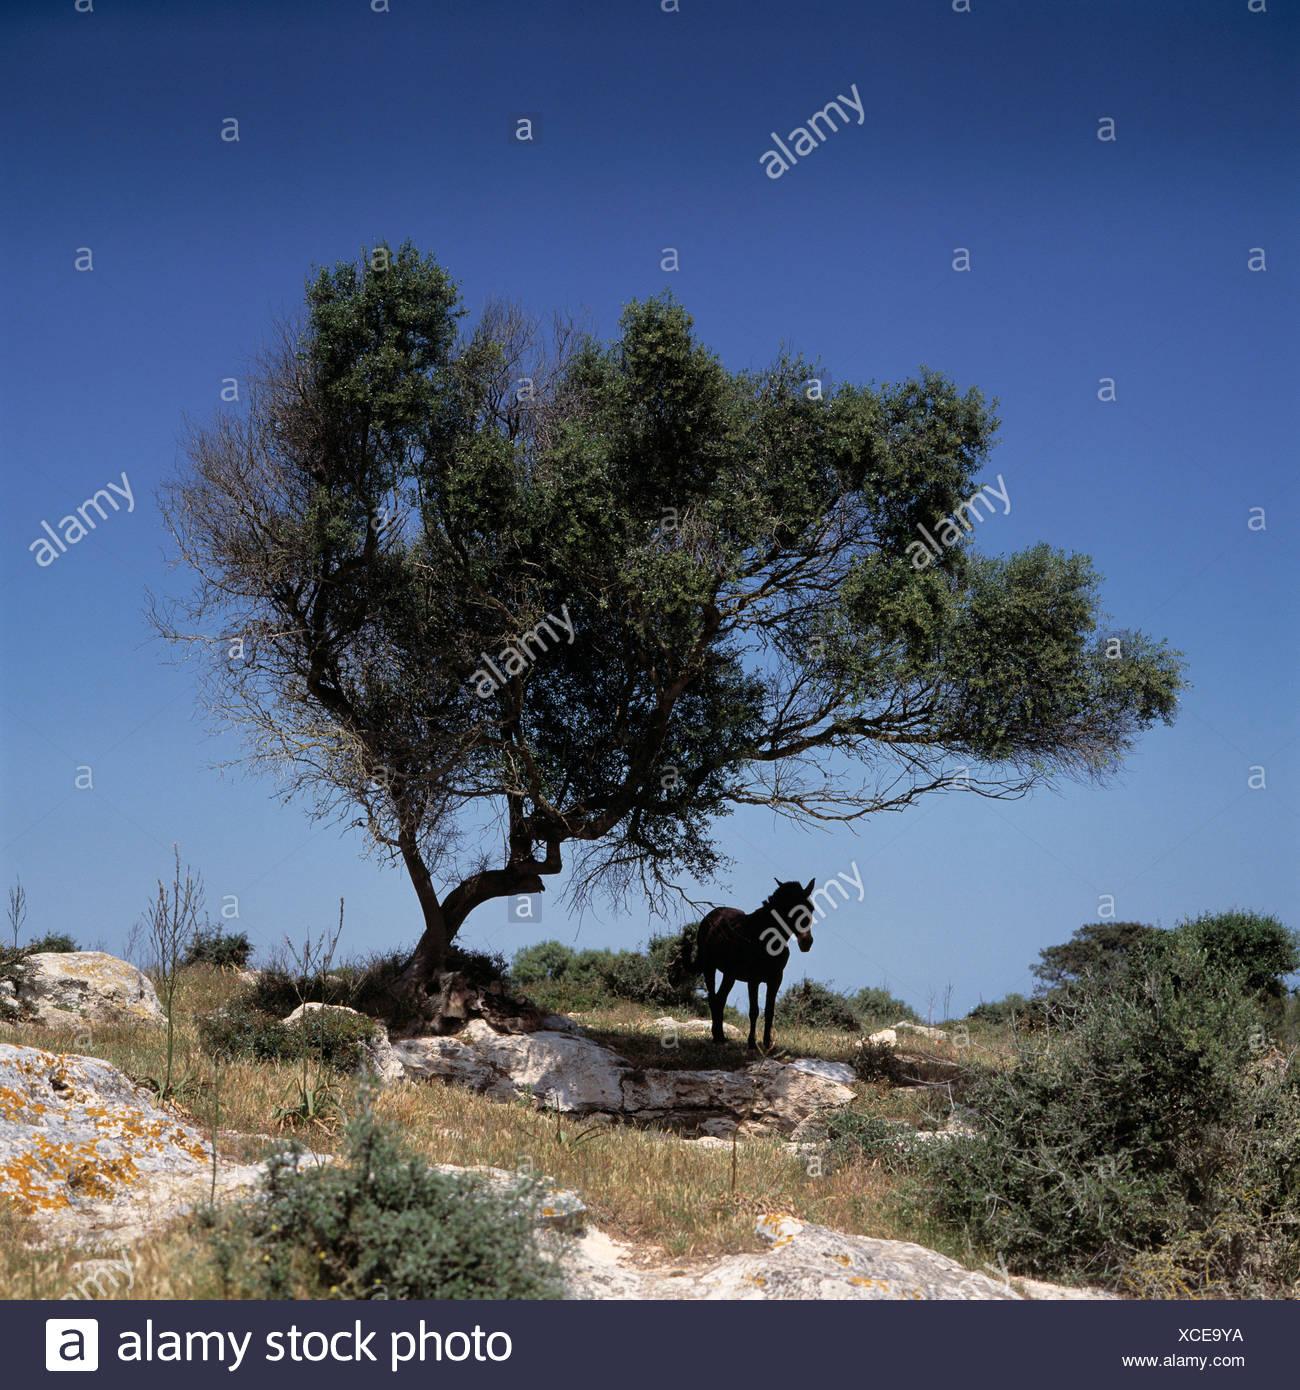 La protection des arbres cheval animaux animal protection solaire soleil ombre sud chaleur de midi midi paysage rock moi Photo Stock